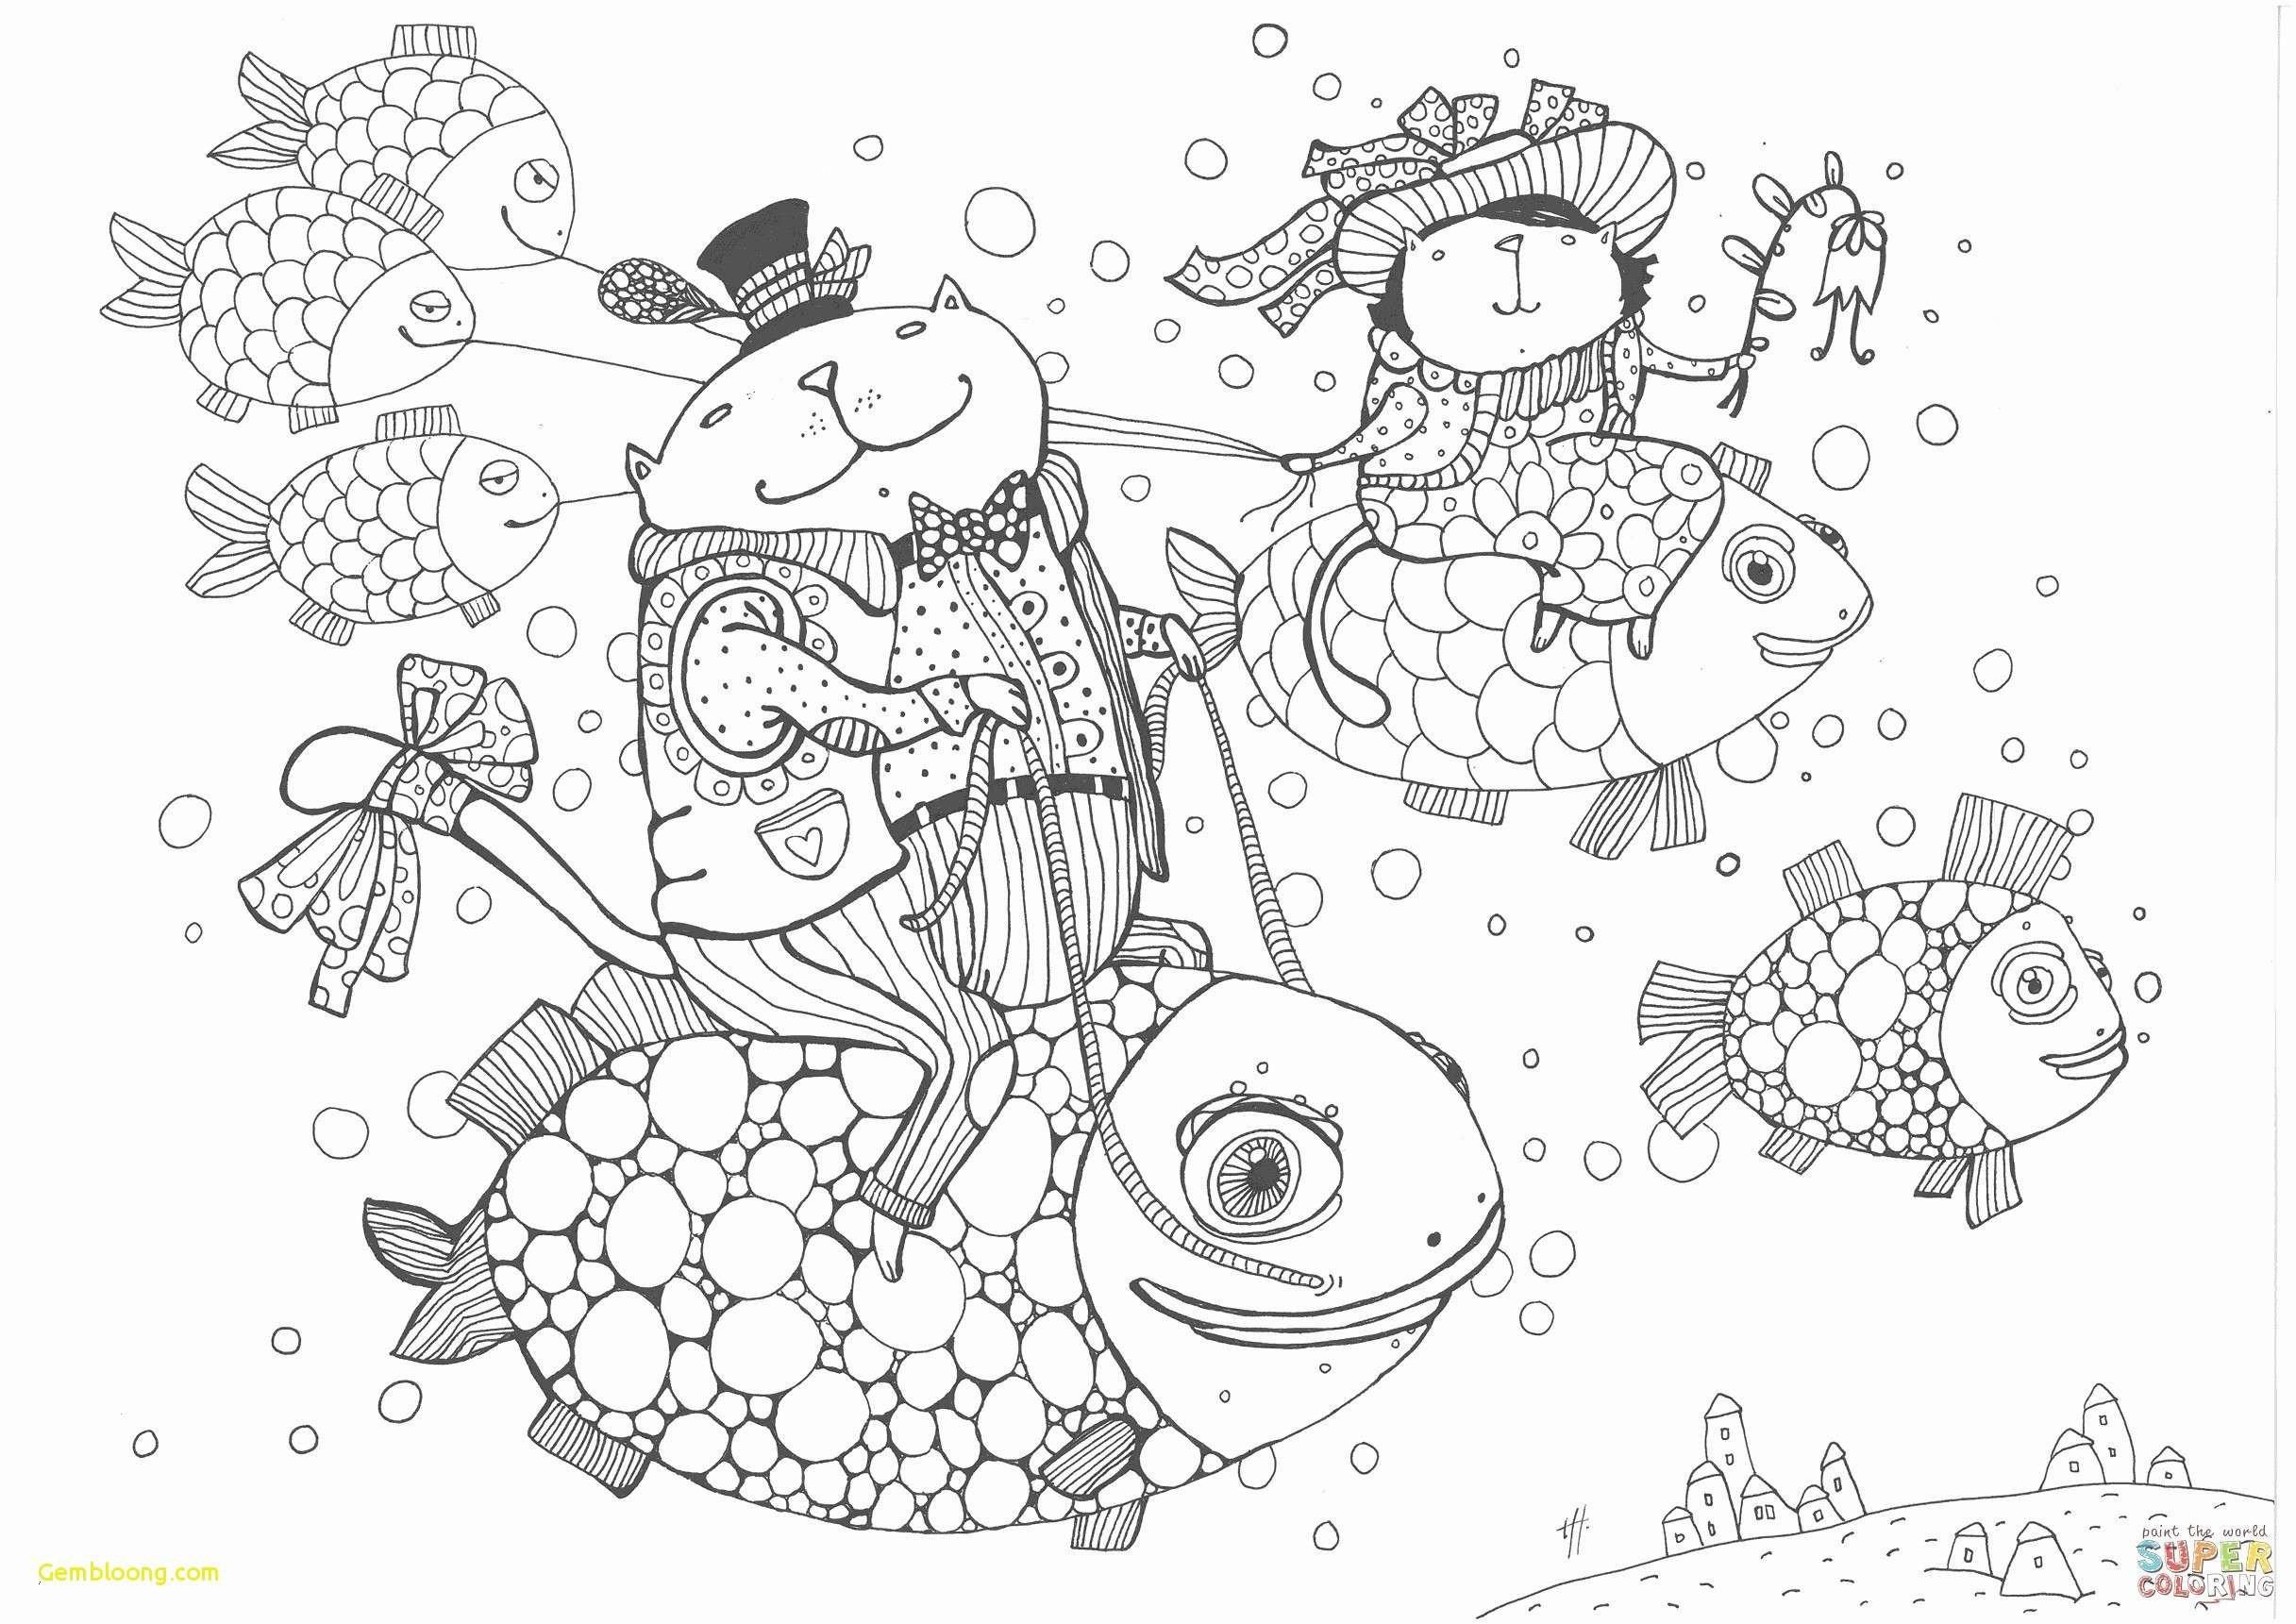 Shaun Das Schaf Ausmalbild Frisch 41 Ausmalbilder Erwachsene Tiere forstergallery Das Bild